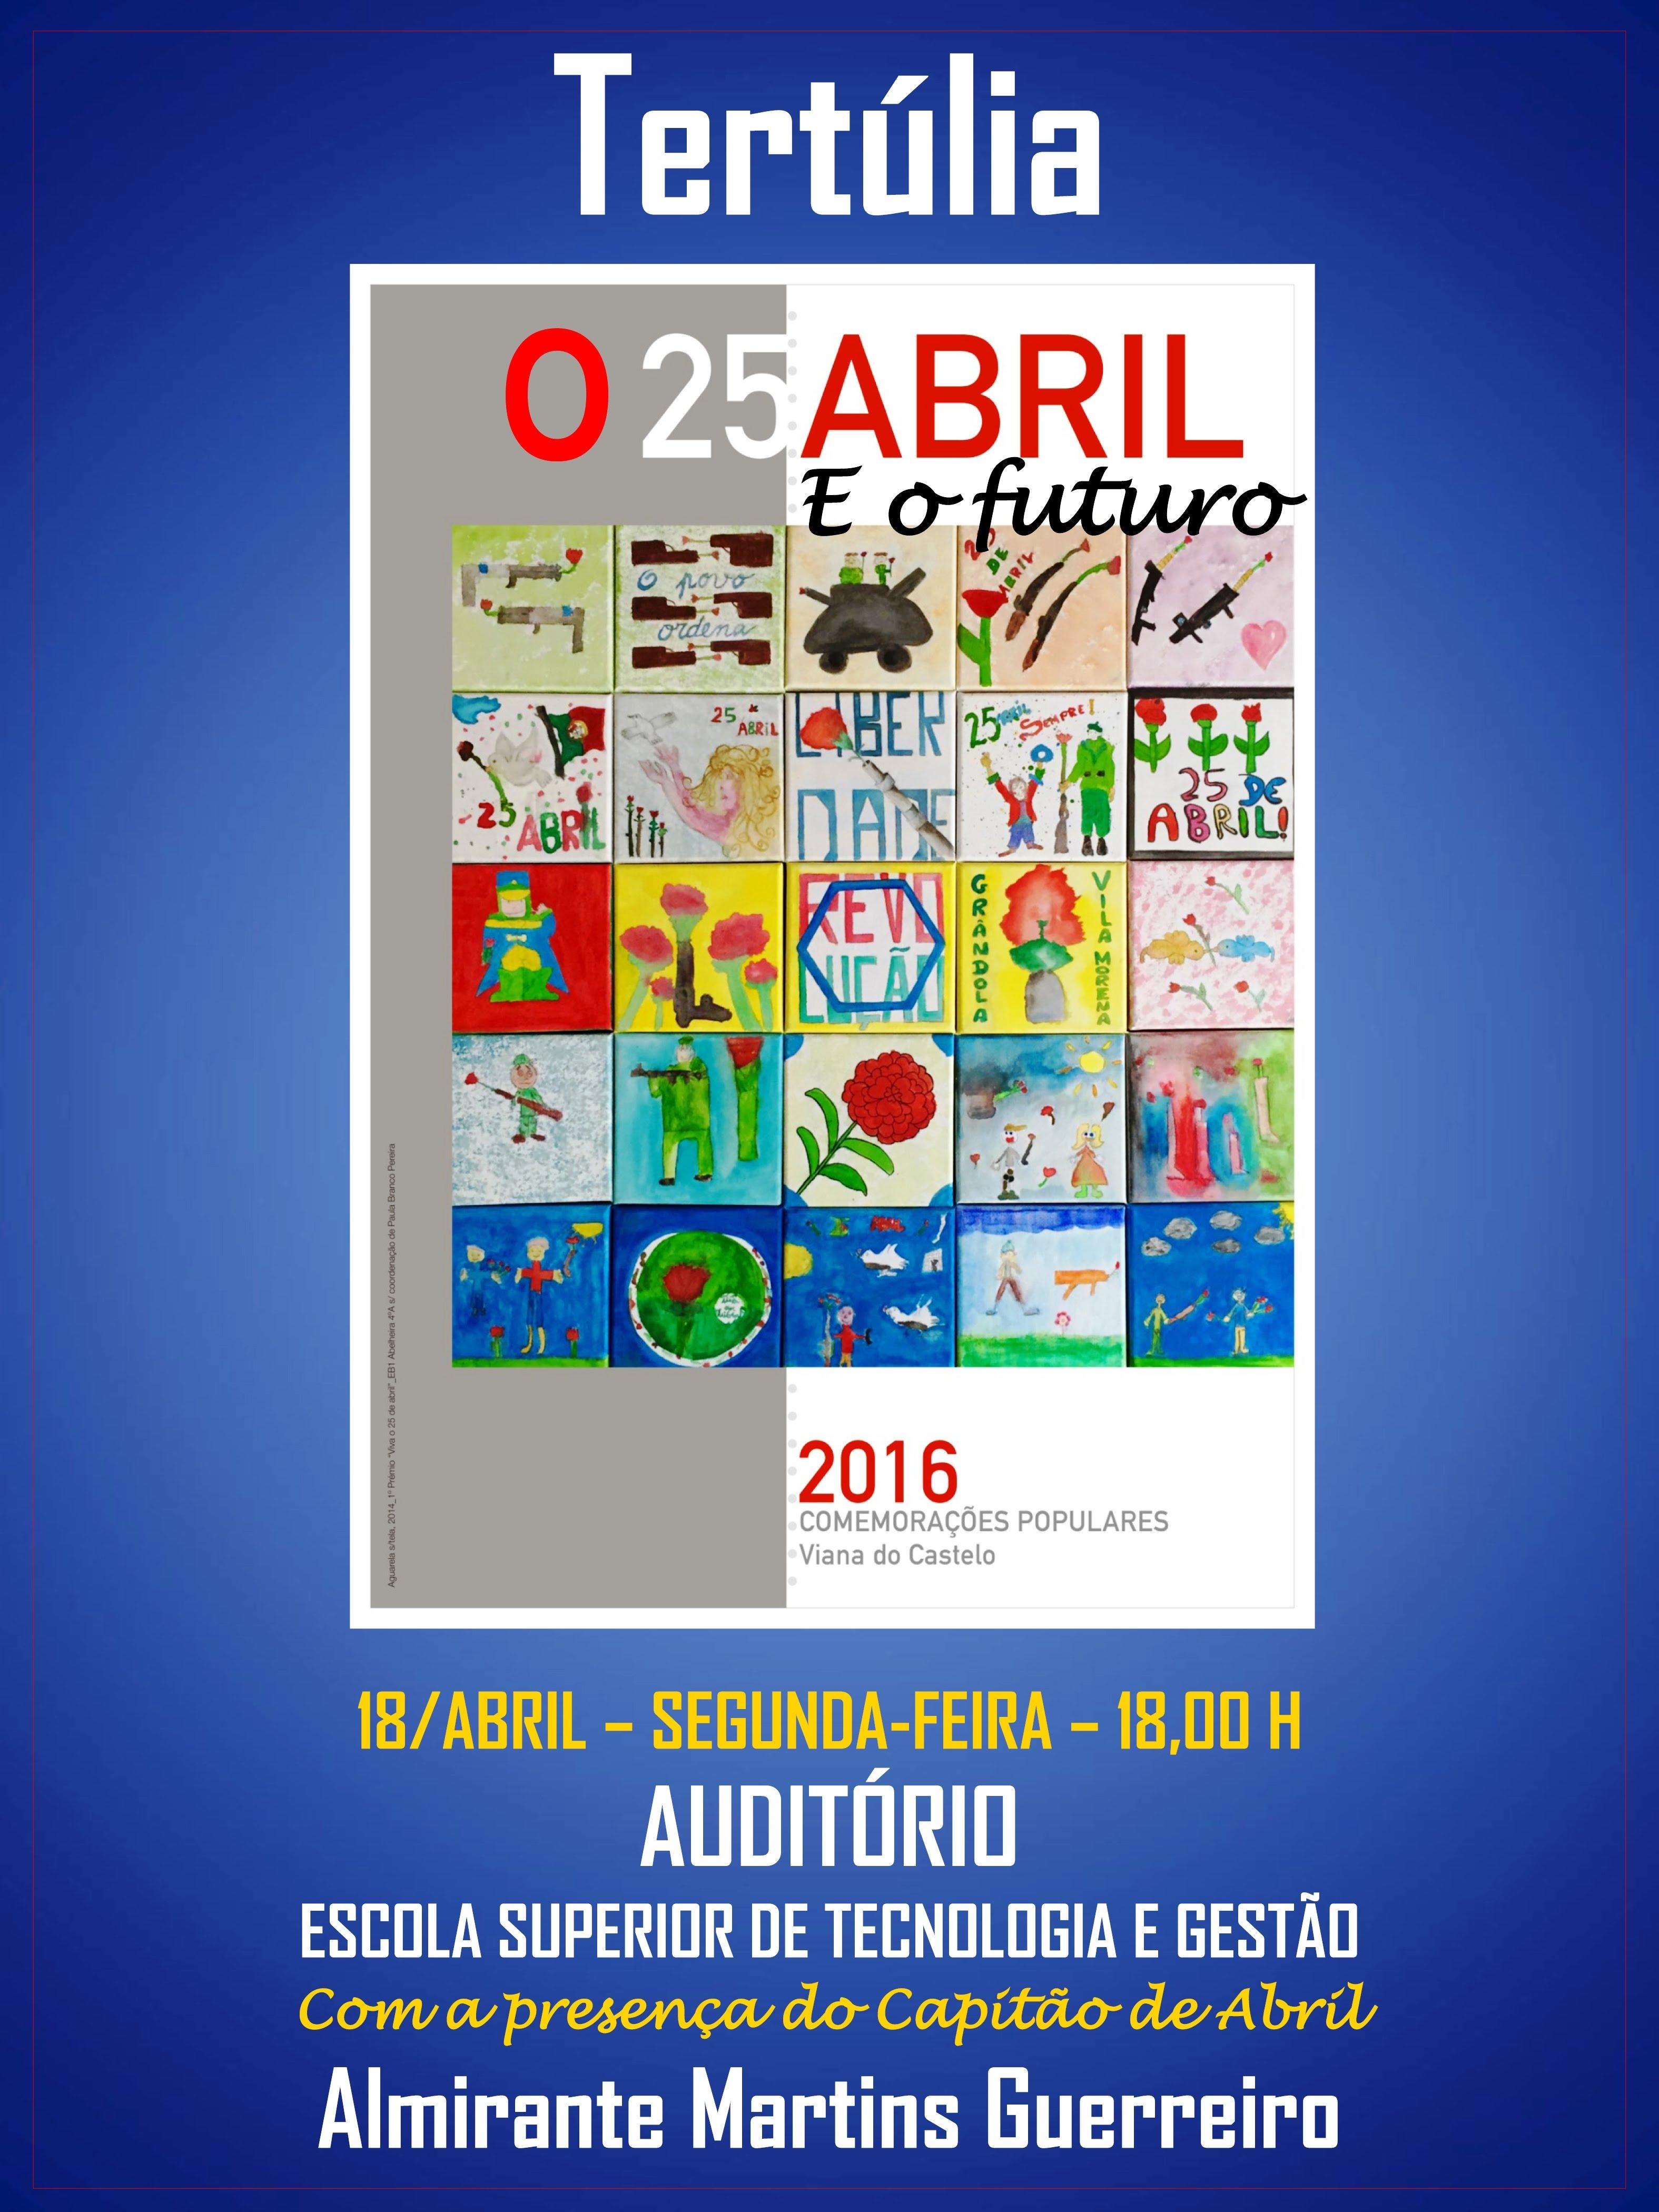 https://sites.google.com/a/centroculturaldoaltominho.org/ccam/actividades-realizadas/2016/realizacoes-actividades/_draft_post/CartazESTG.jpg